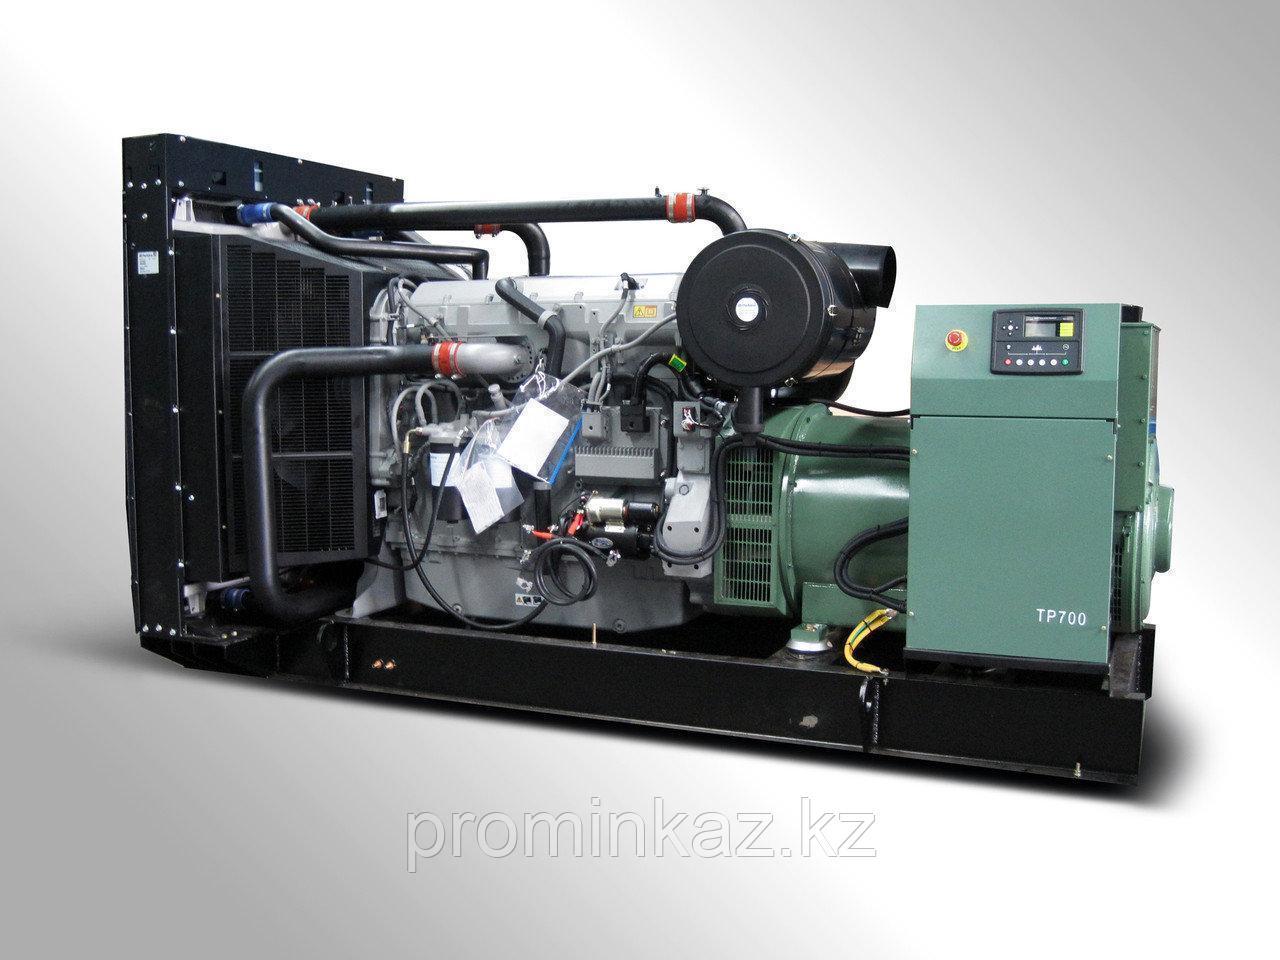 Генератор дизельный LG275, LEEGA - 220 кВт открытый тип с АВР